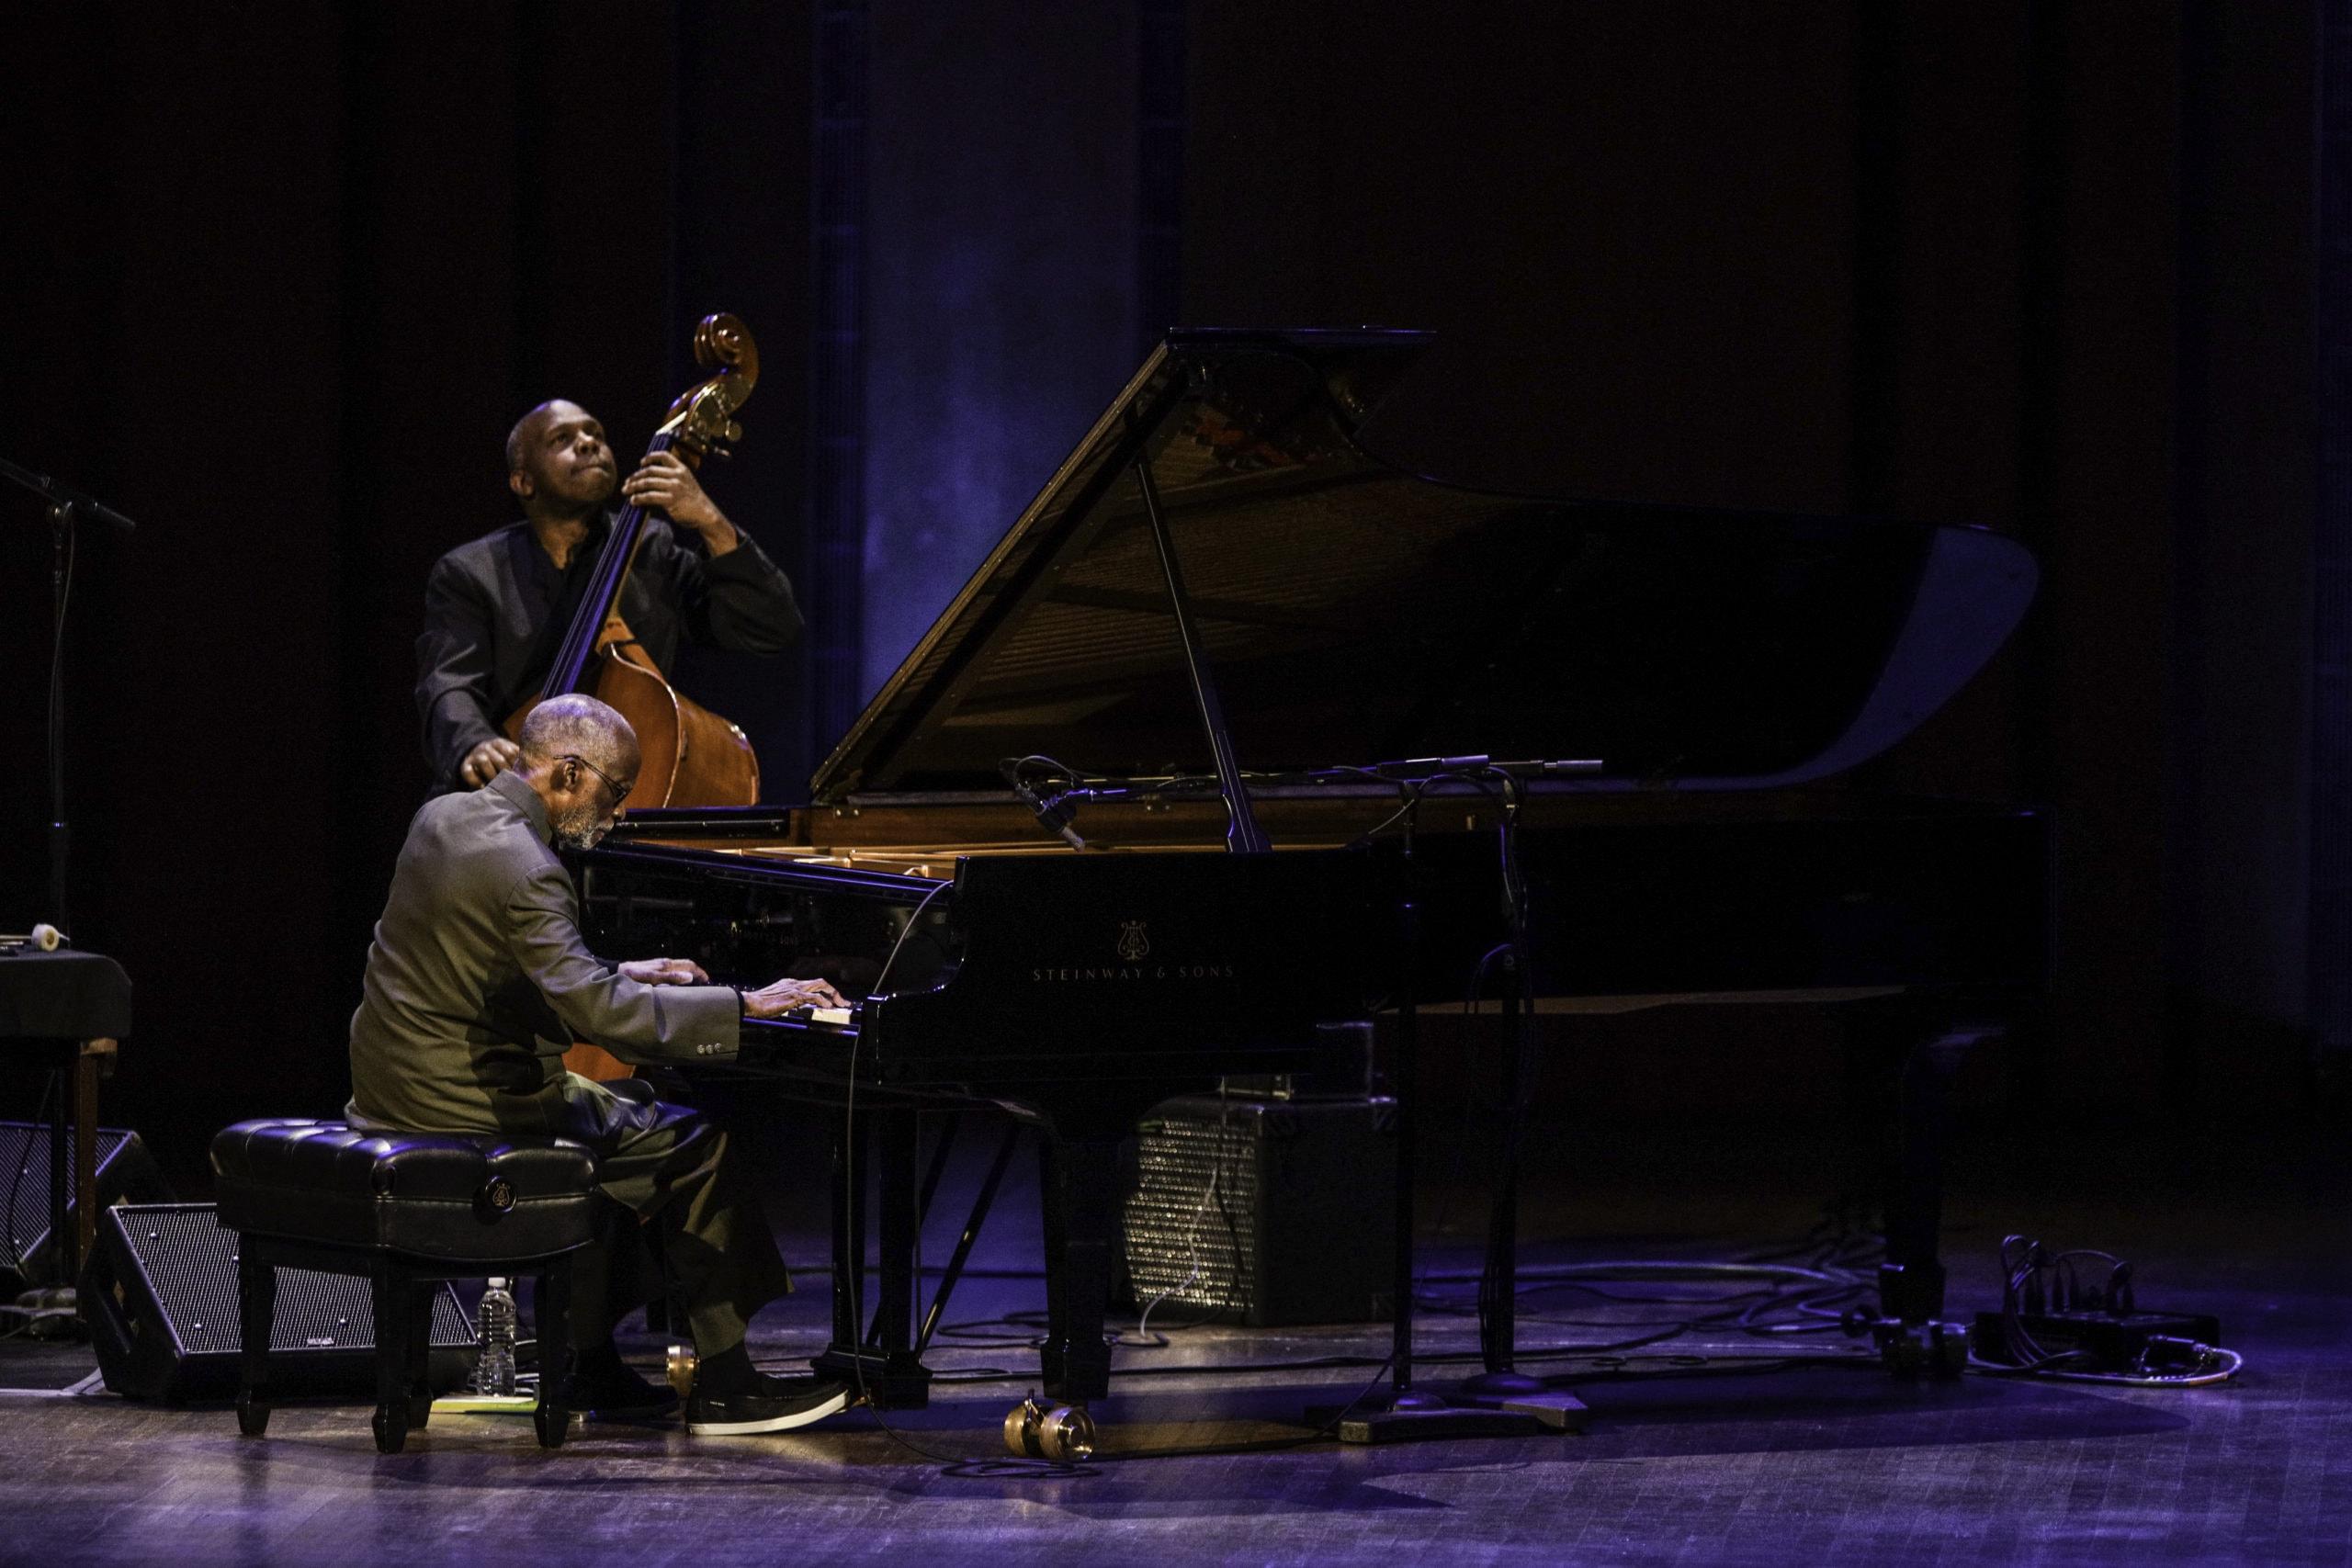 Pianist Ahmad Jamal and bassist James Cammack. Photo by Jati Lindsay.